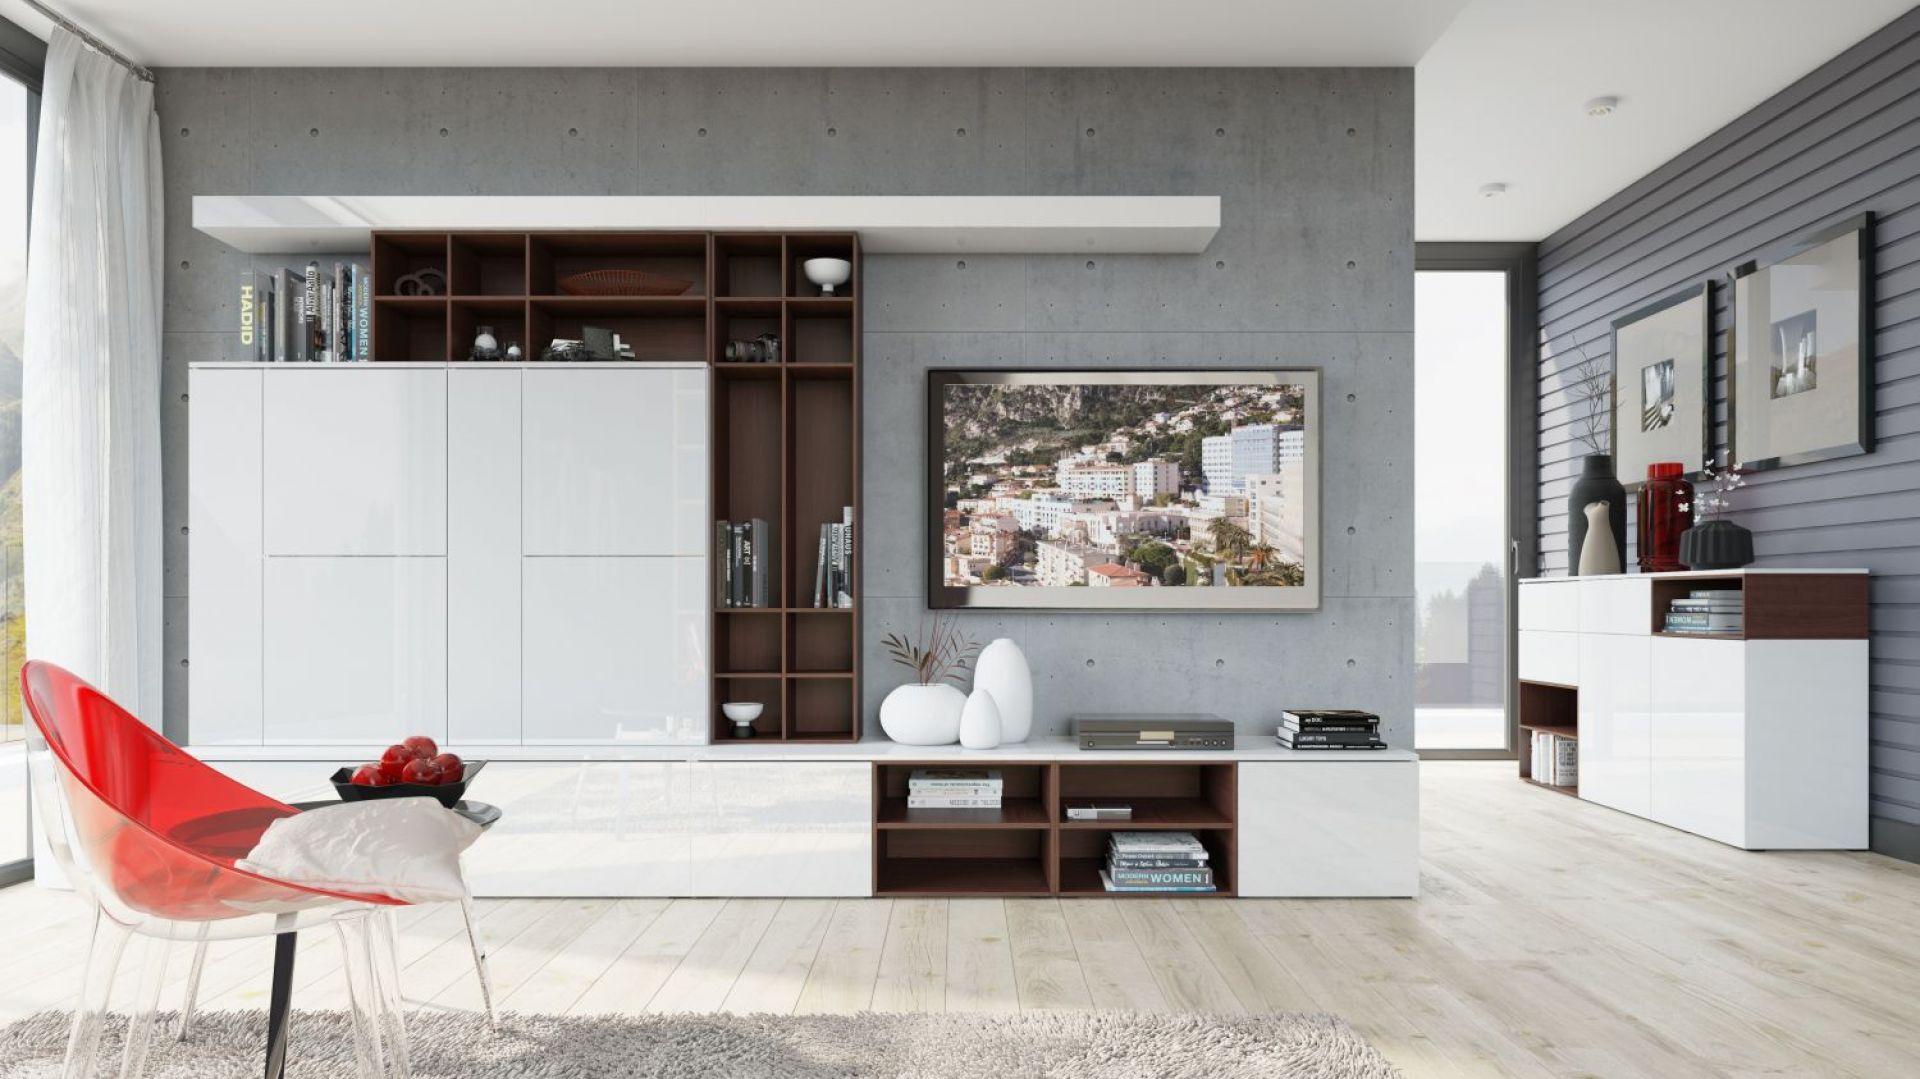 Kolekcja Loft to nowoczesne meble na wysoki połysk, połączone z elementami drewna. Dzięki nim stworzyć ciekawą meblościankę, z dużą ilością miejsca do przechowywania. Fot. Szynaka Meble